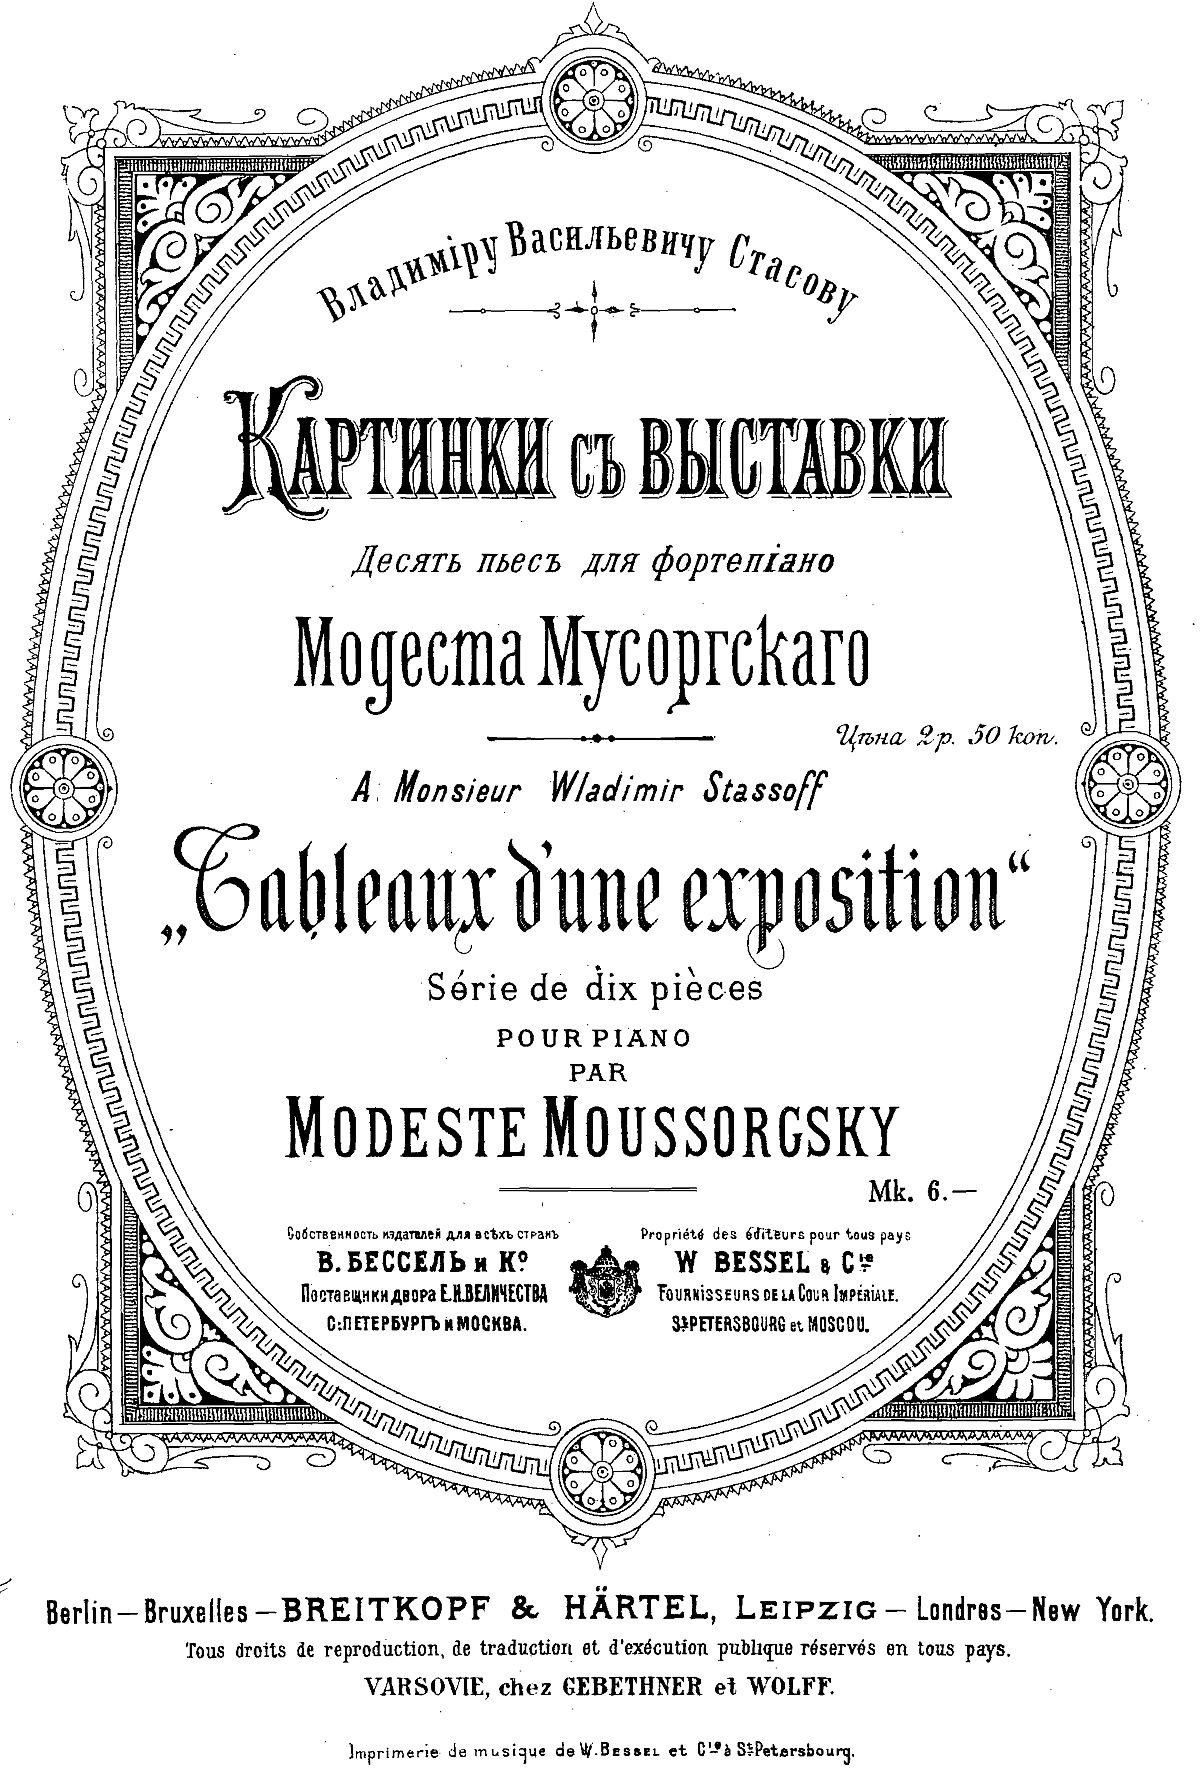 Partition St. Petersburg: V. Bessel & Co., n.d.(1886). Plate 1560., réédition Leipzig: Breitkopf & Härtel, cliquer pour une vue agrandie